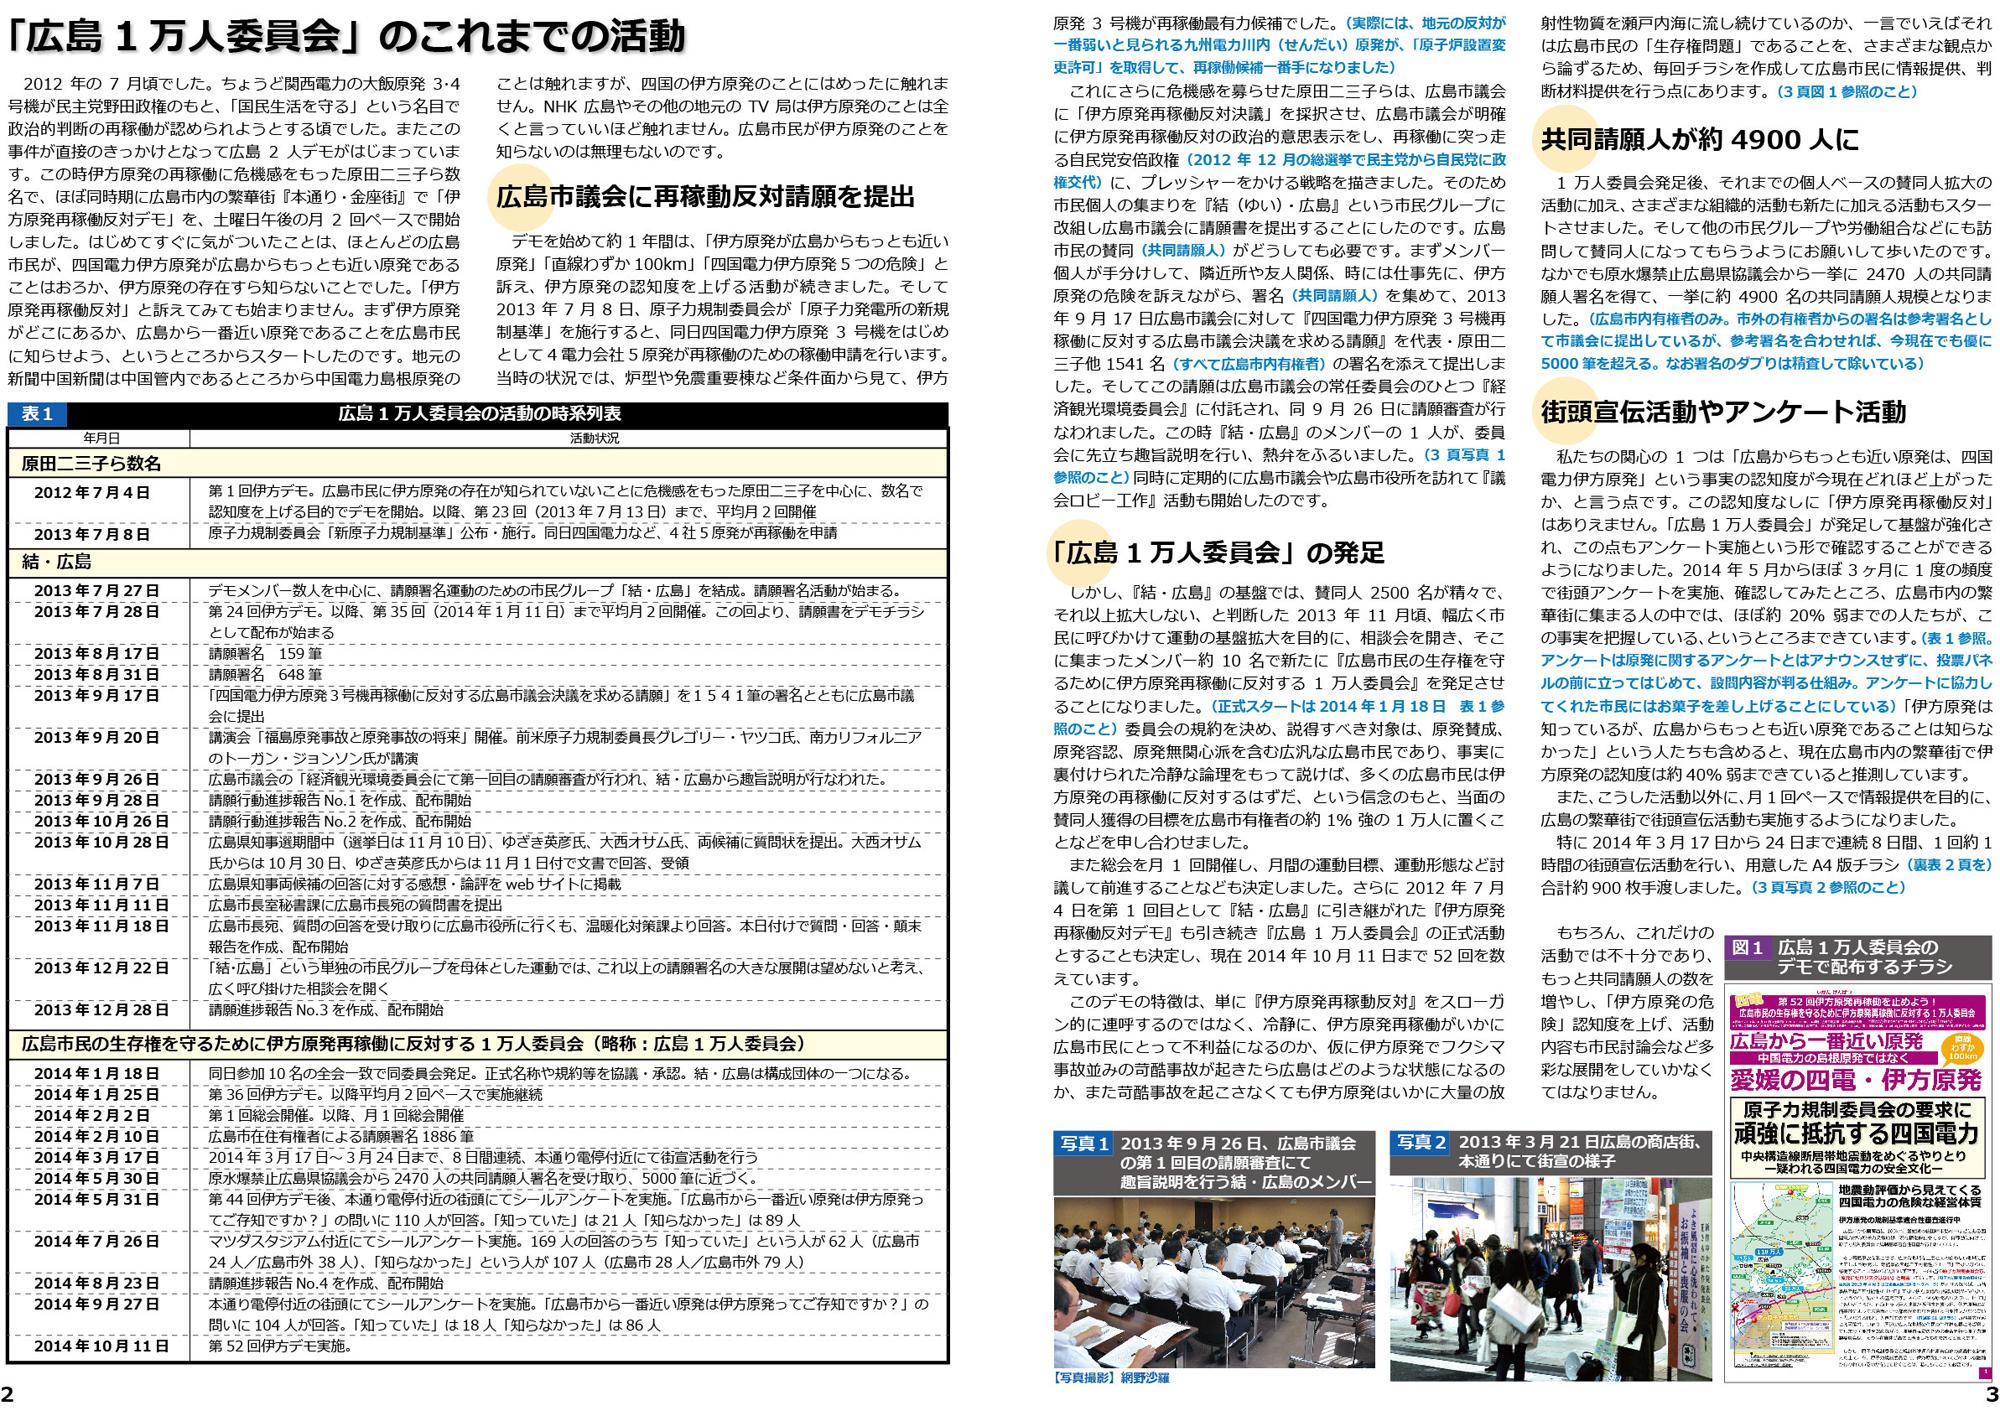 ファイル 350-2.jpg